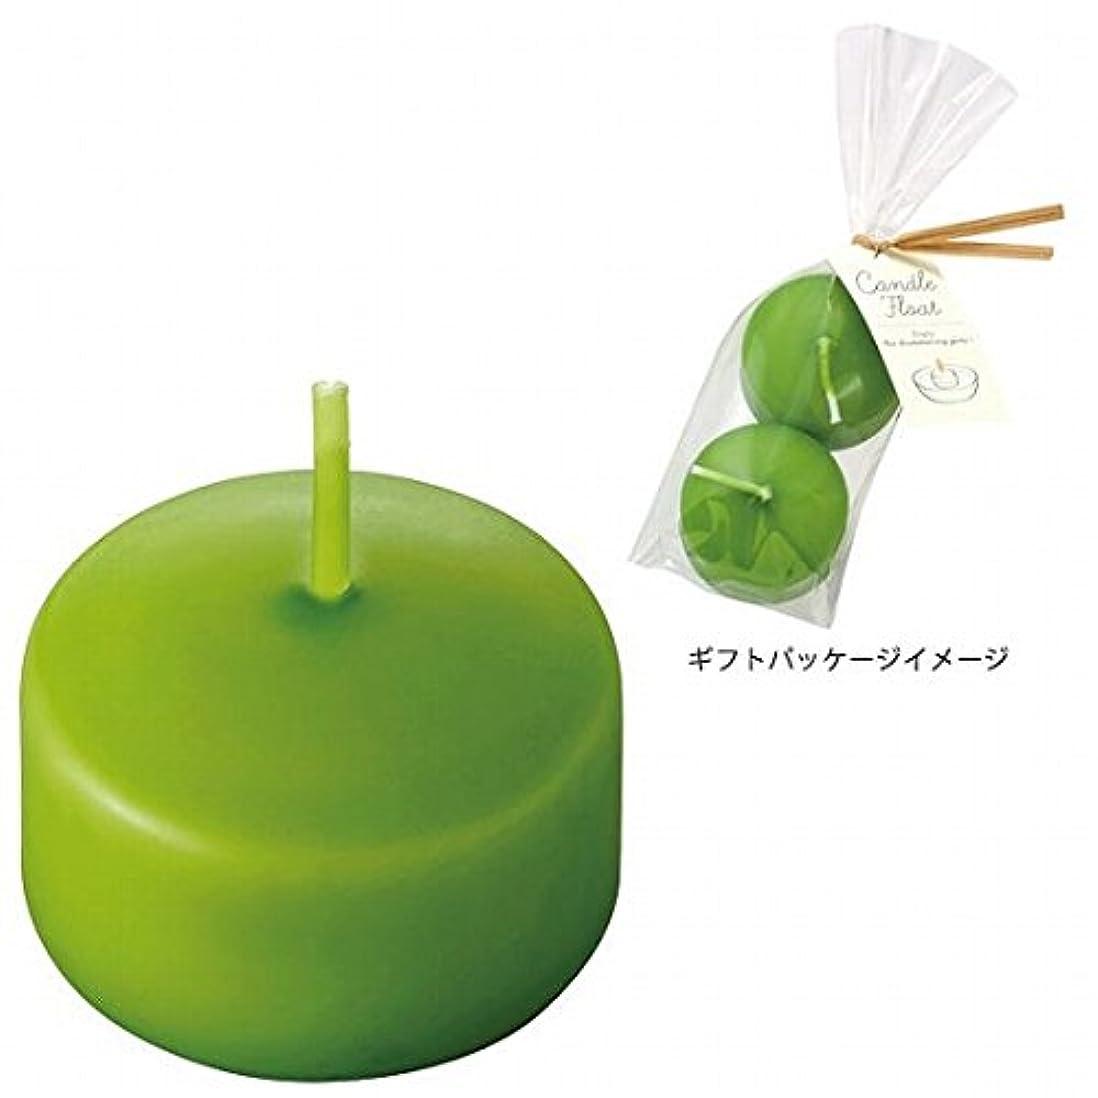 防水フレア辞任するカメヤマキャンドル(kameyama candle) ハッピープール(2個入り) キャンドル 「オリーブ」